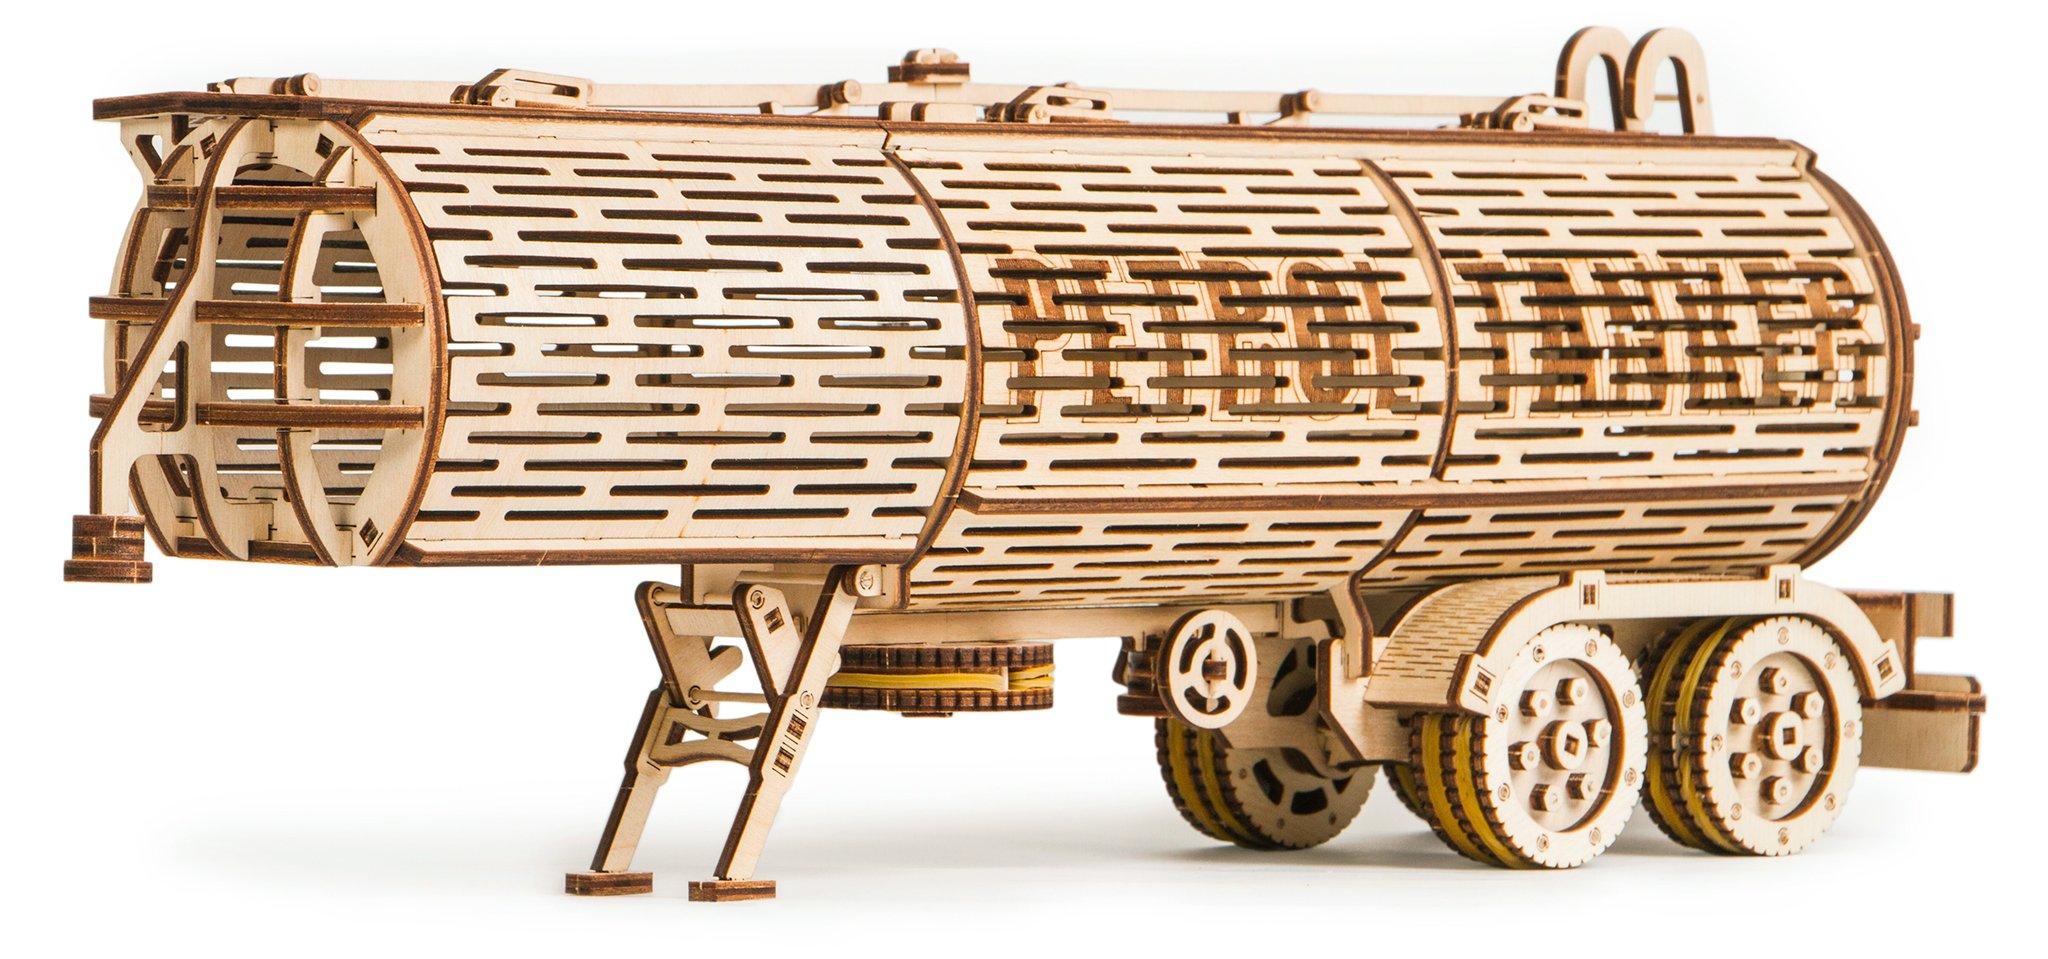 WOOD TRICK Tank Trailer für LKW-Zugmaschine, 200 Bauteile